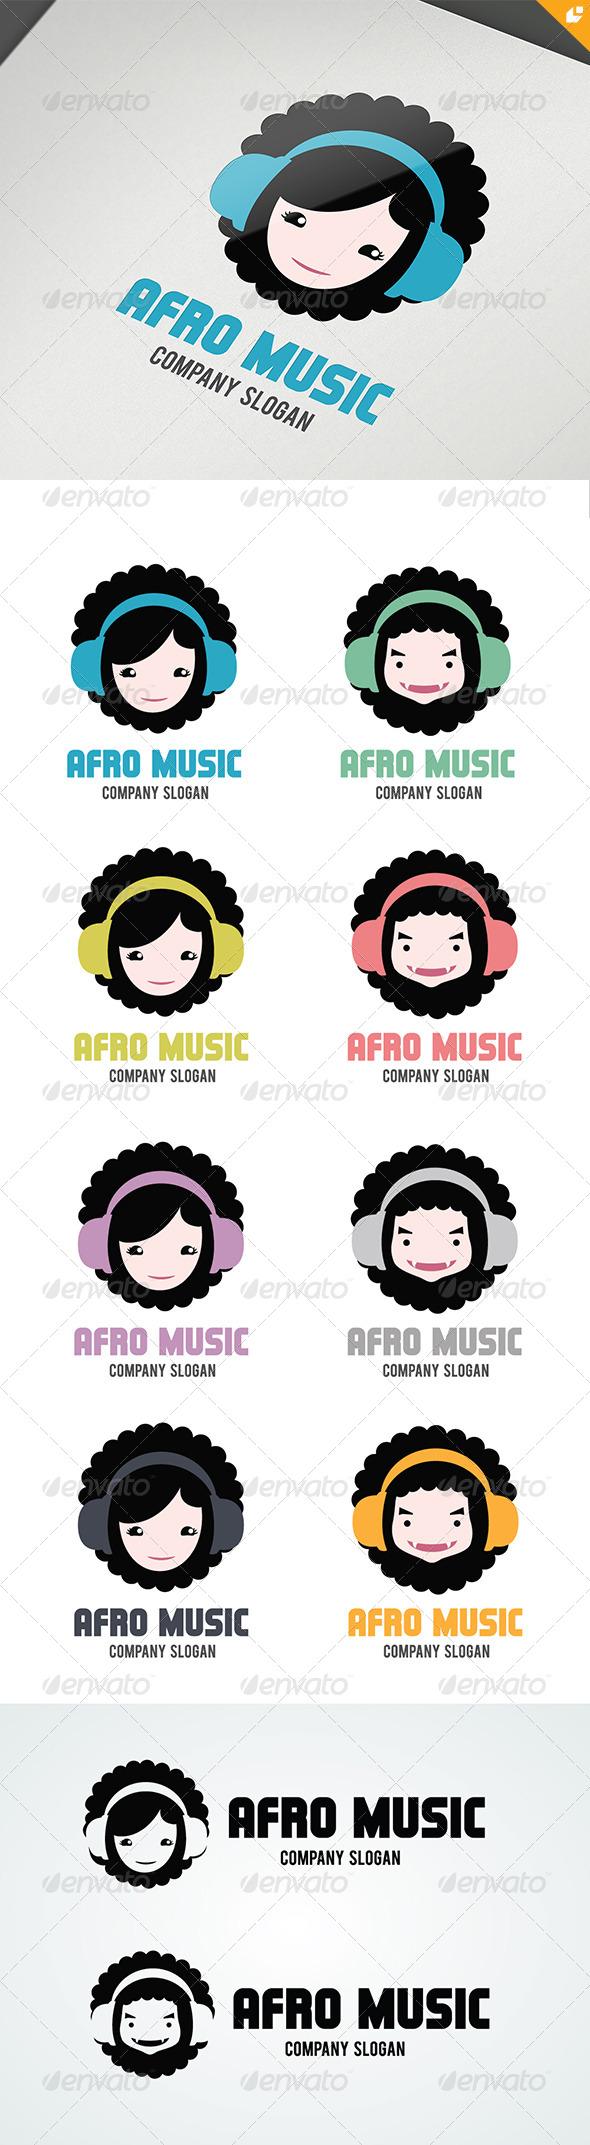 Afro Music Logo